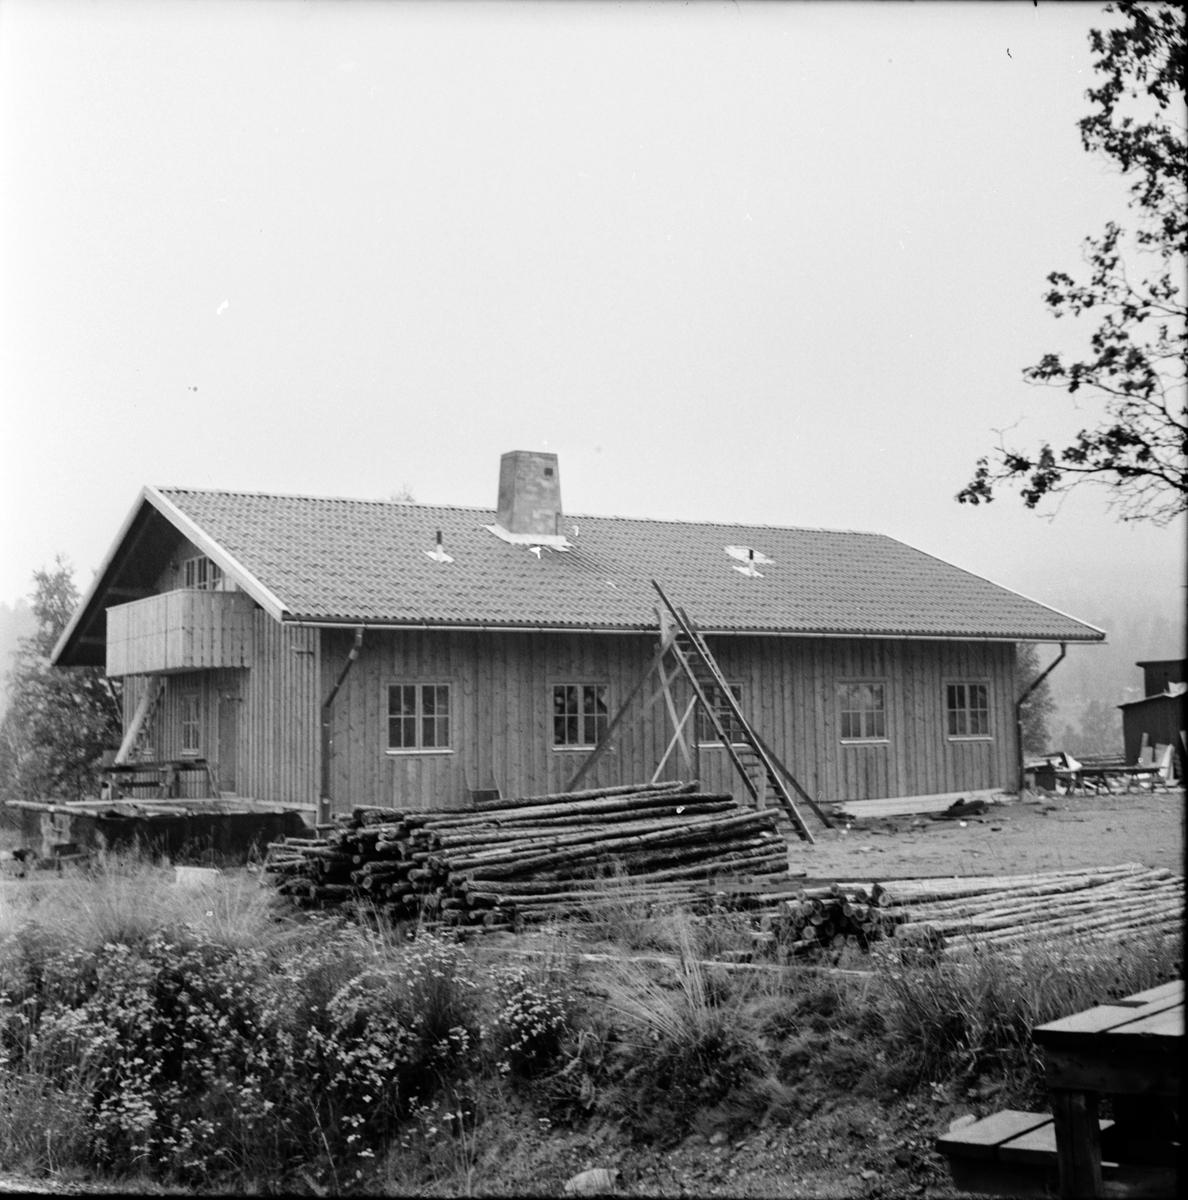 Arbrå, Flyttning av Knut Arvidssons hus, Oktober 1968